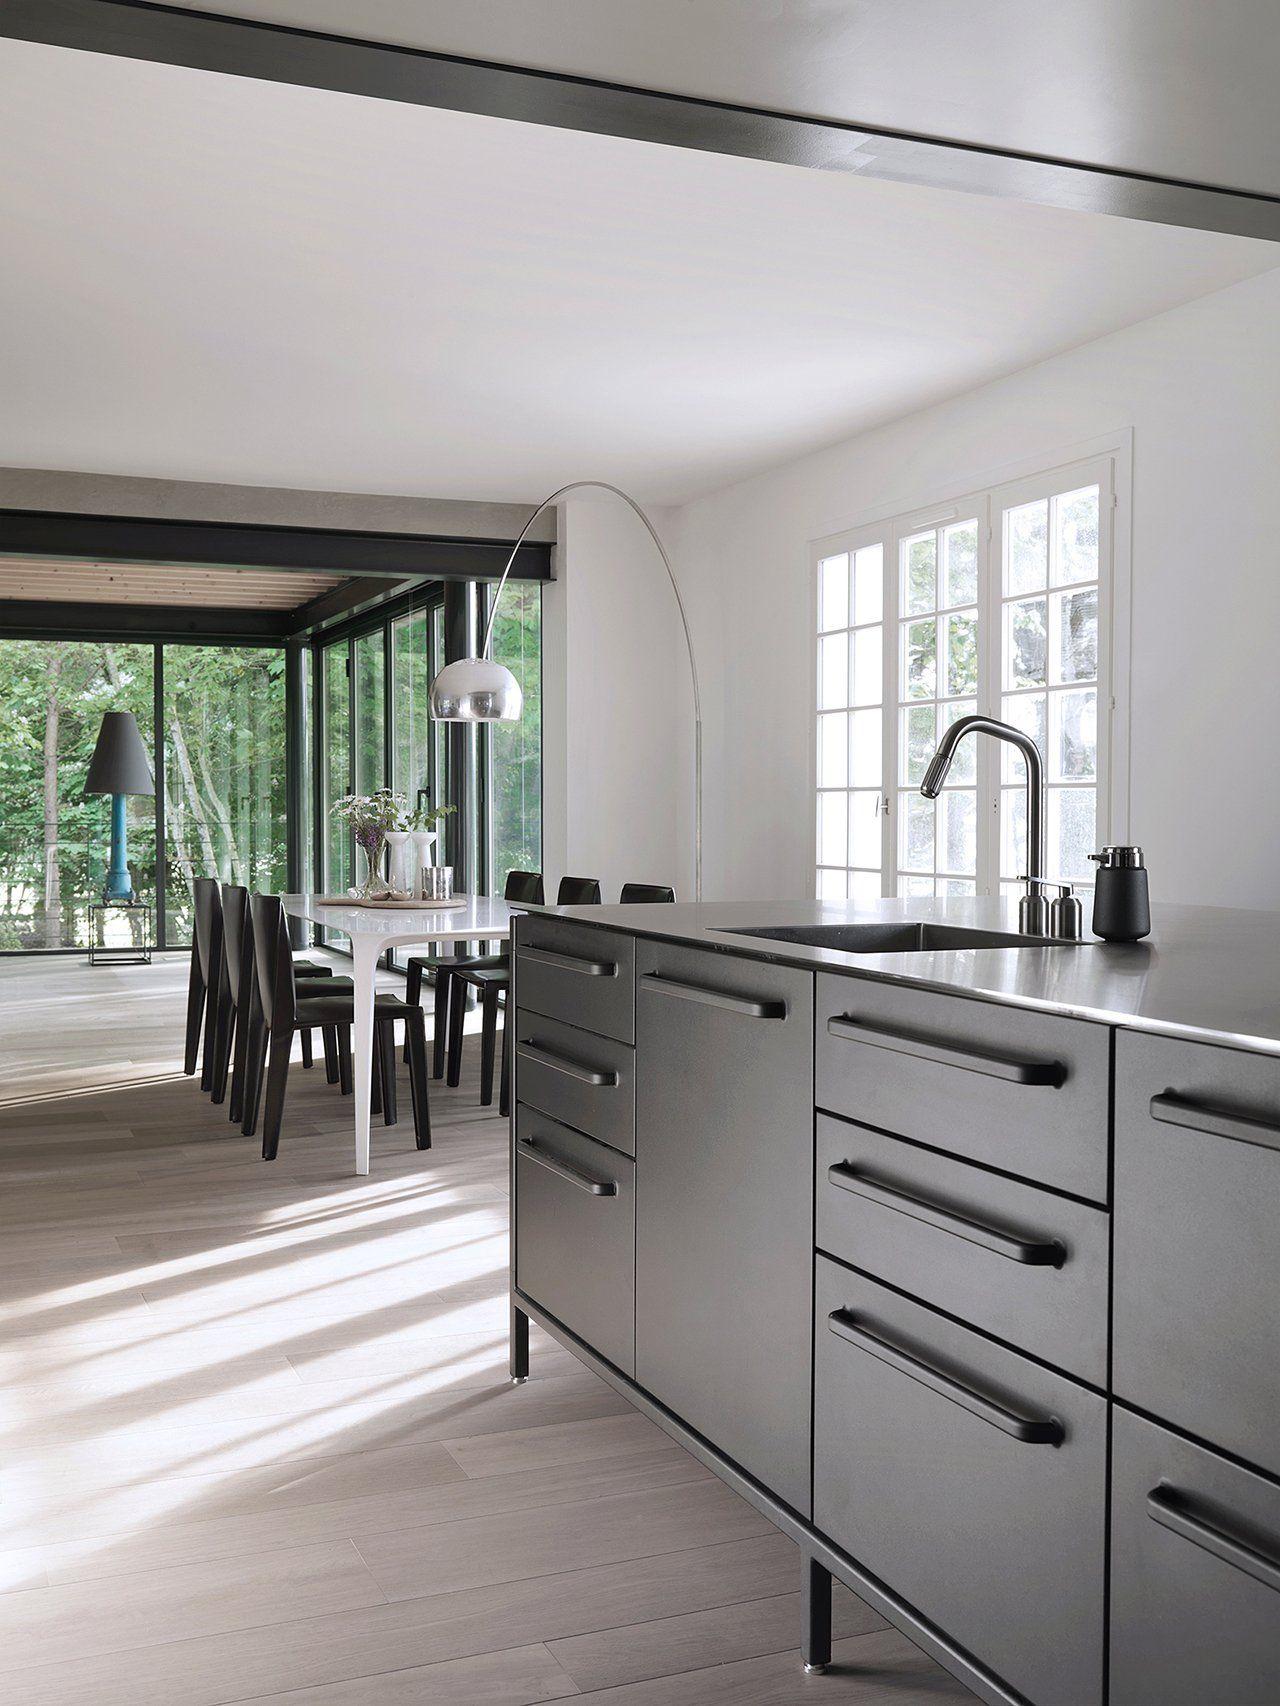 Black modular kitchen in Brittany, France | k i t c h e n ...